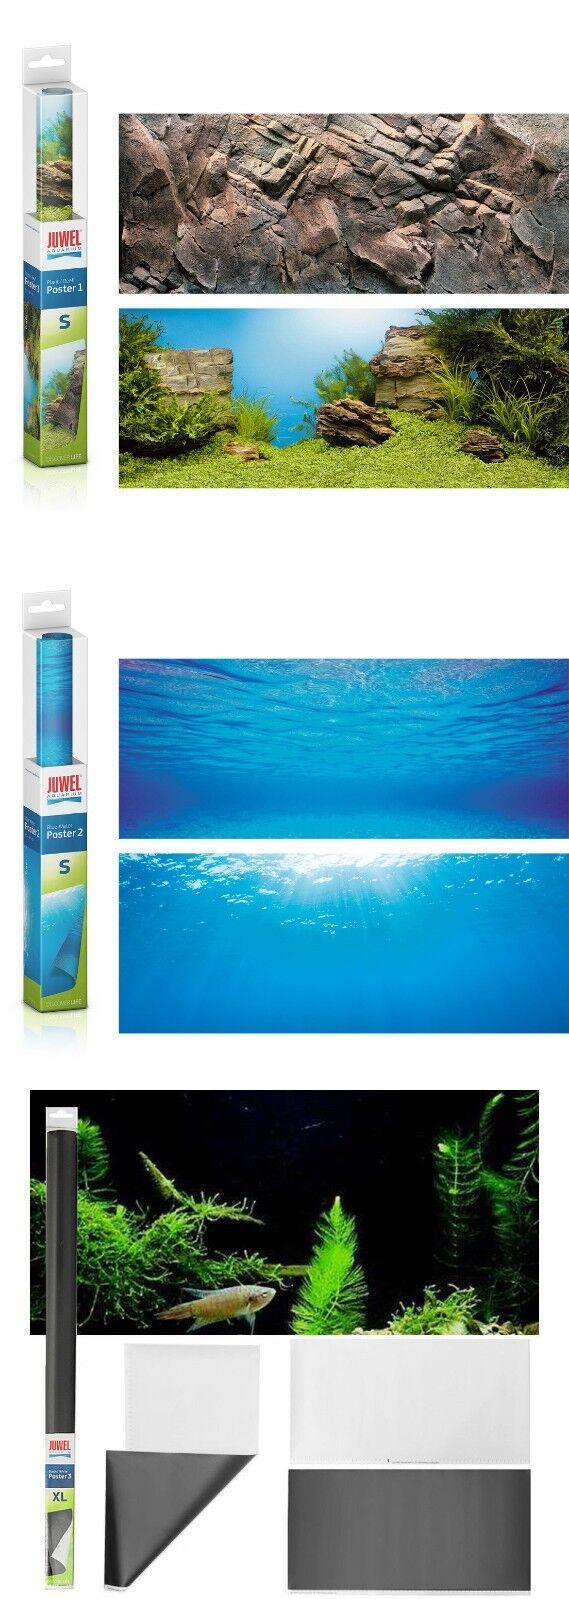 Juwel Aquarium Rückwand Poster 1 / 2 / 3 verschiedene Motive und Größen